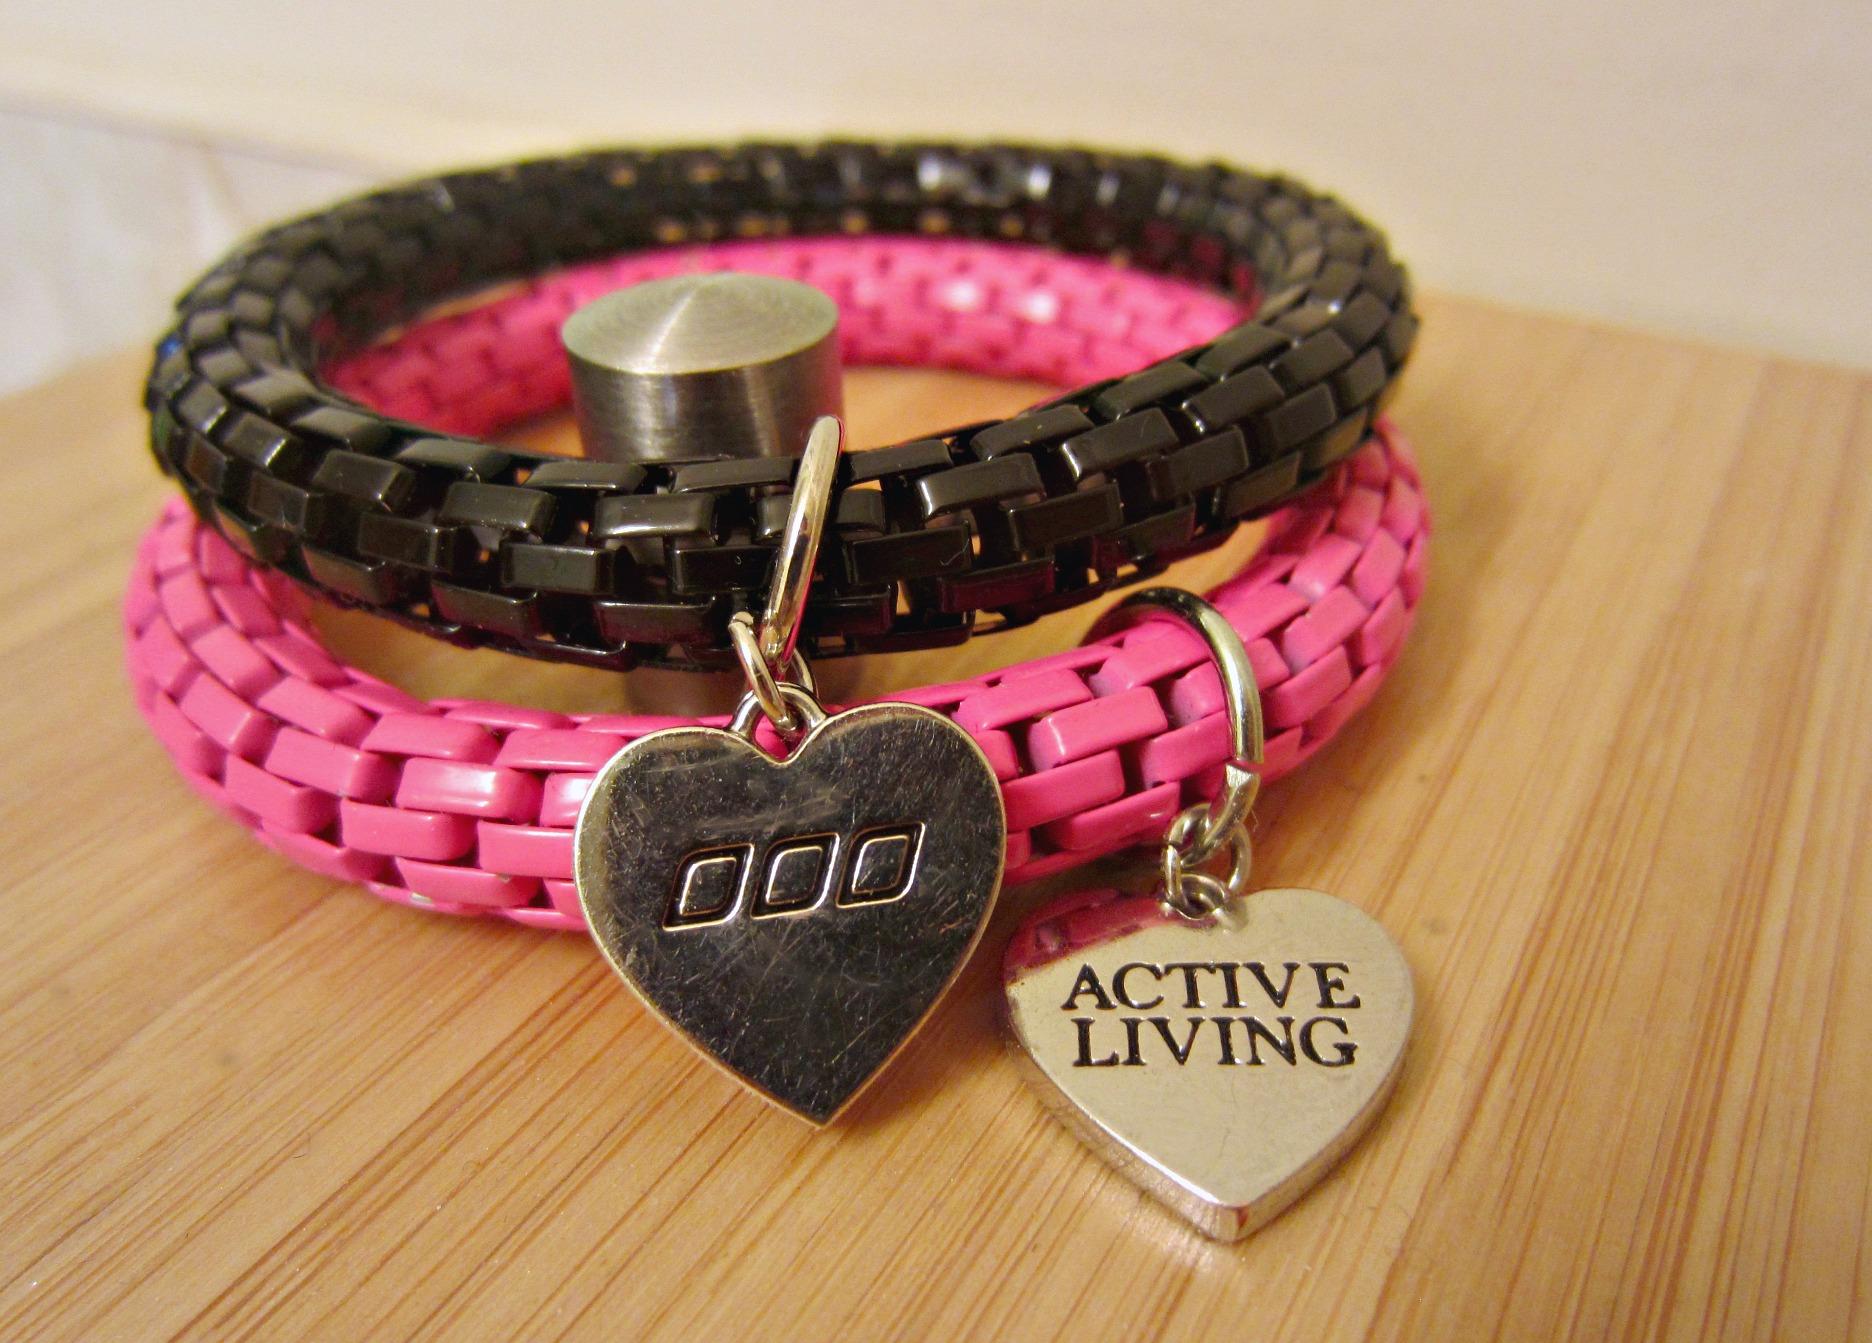 Lorna Jane active living bracelets